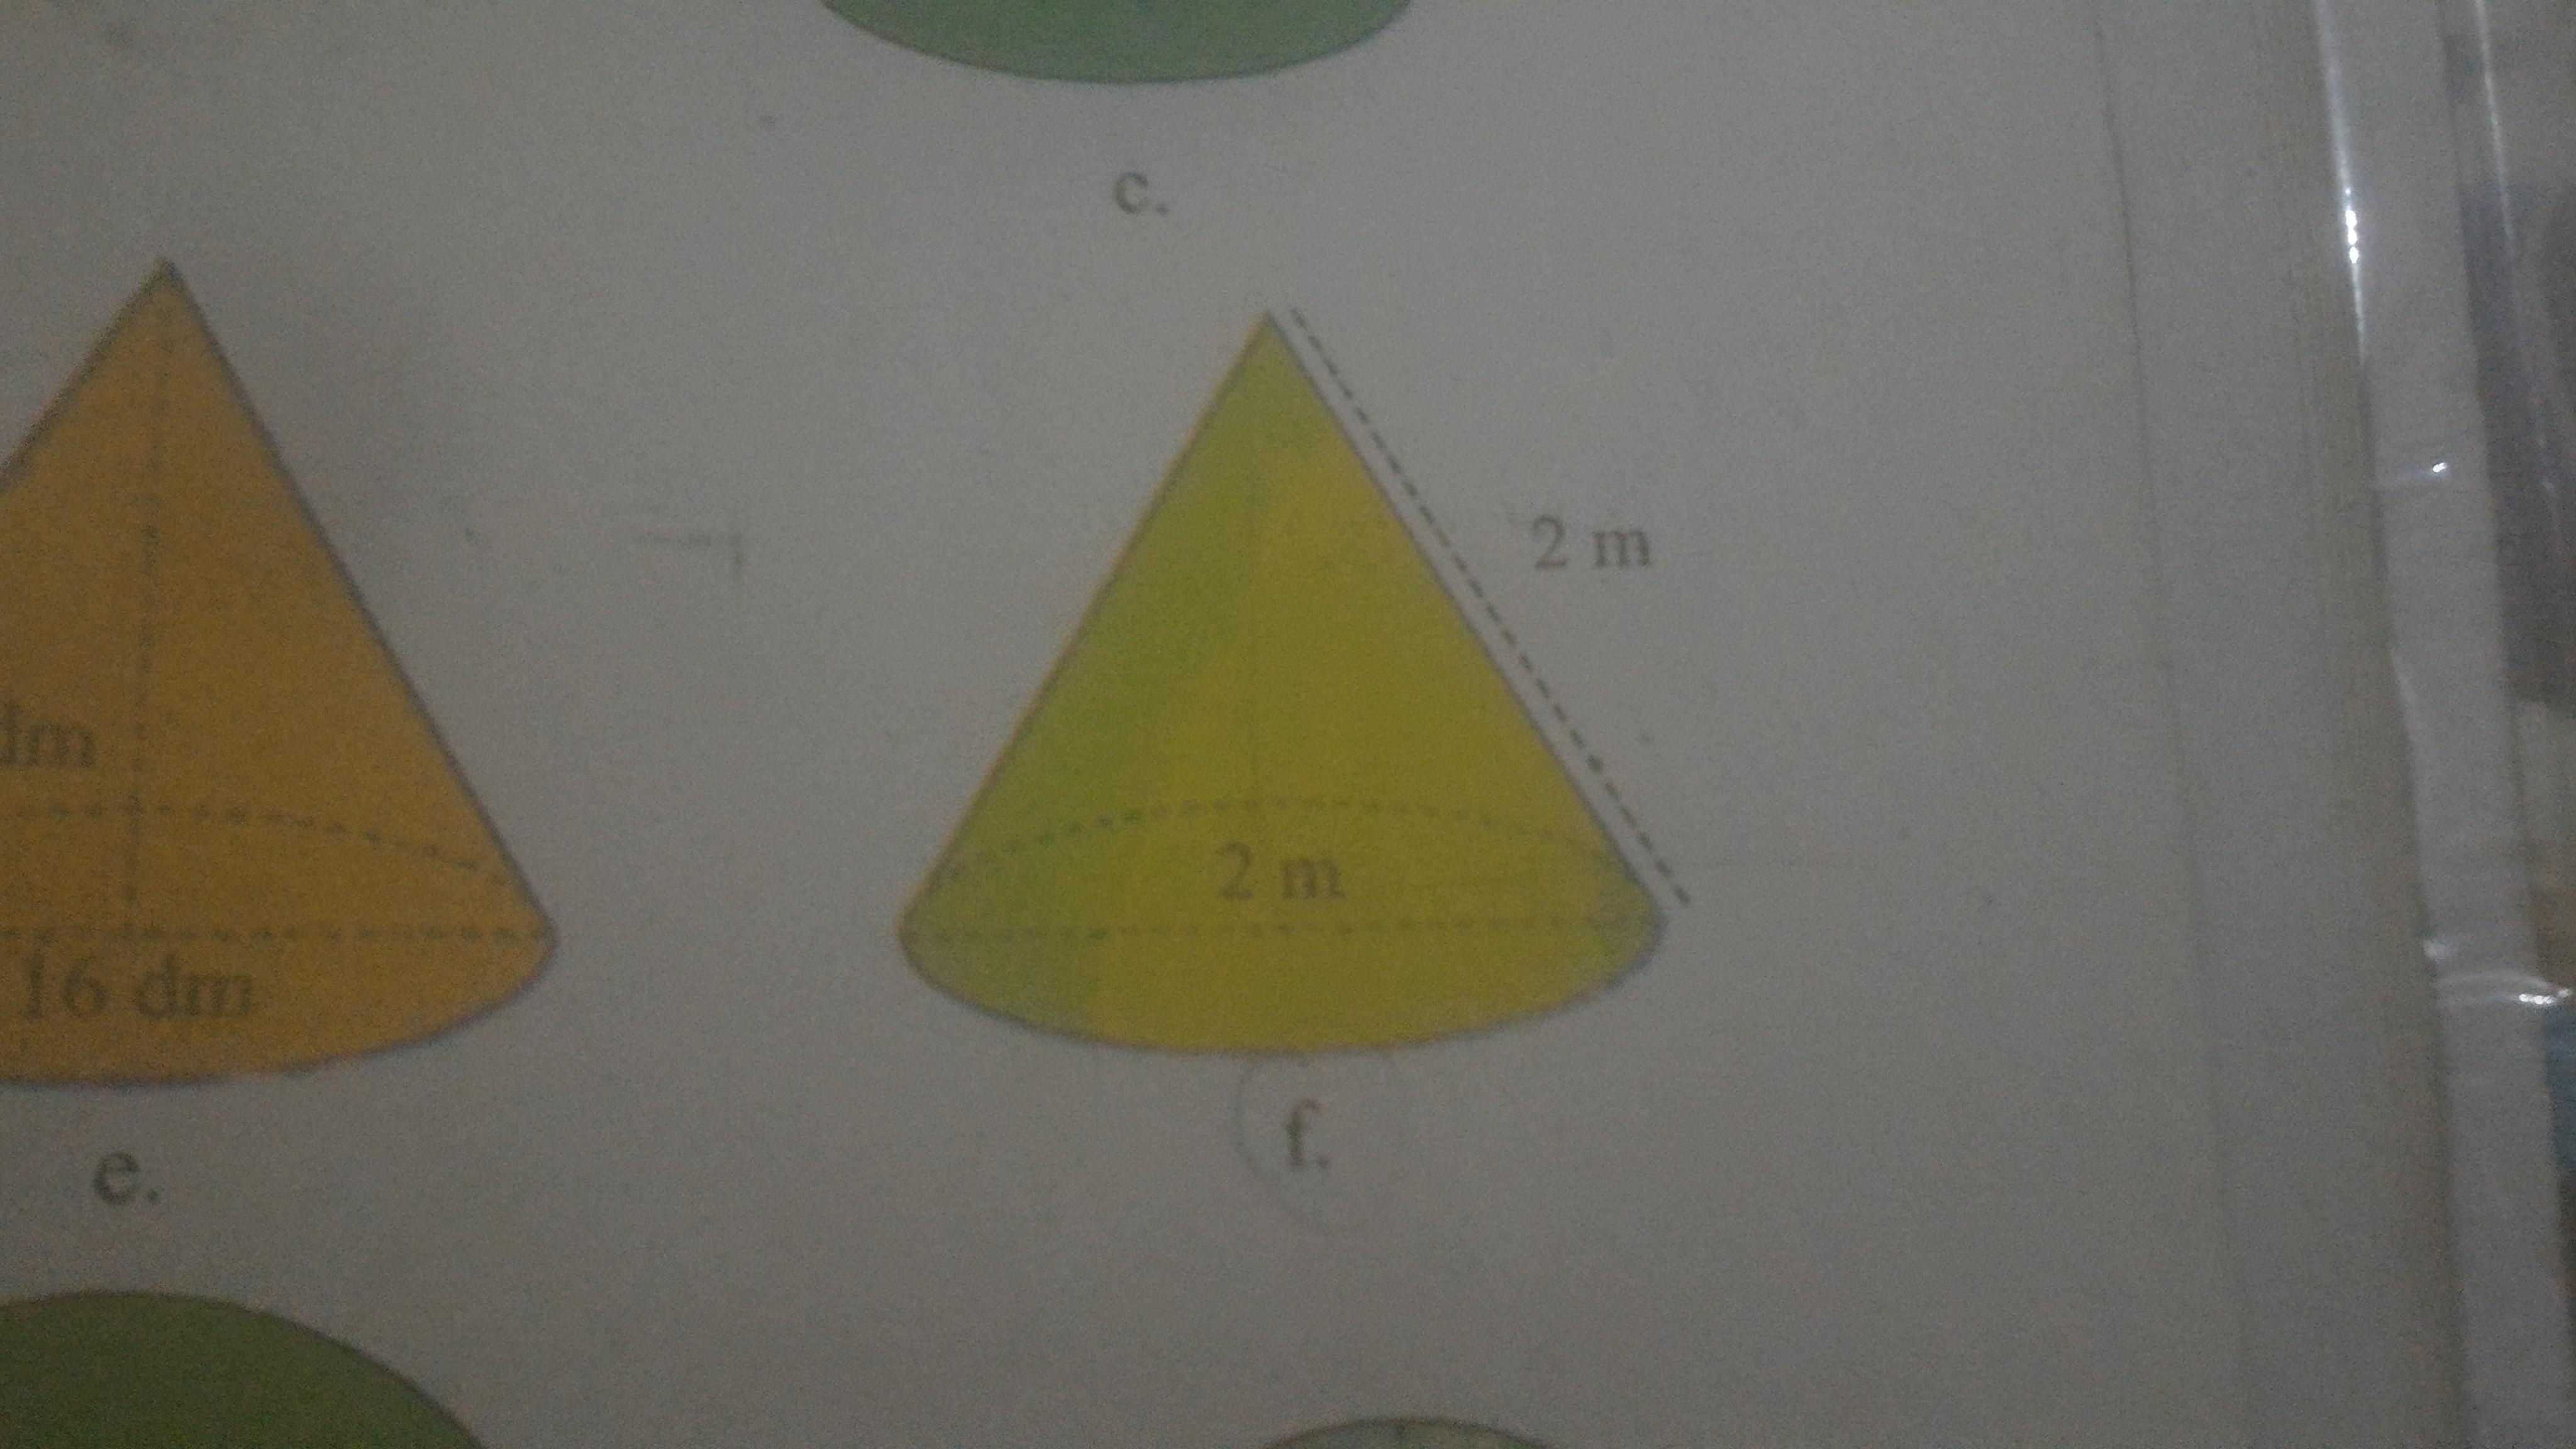 Untuk soal 1 - 2 perhatikan gambar-gambar di bawah ini. 1 ...